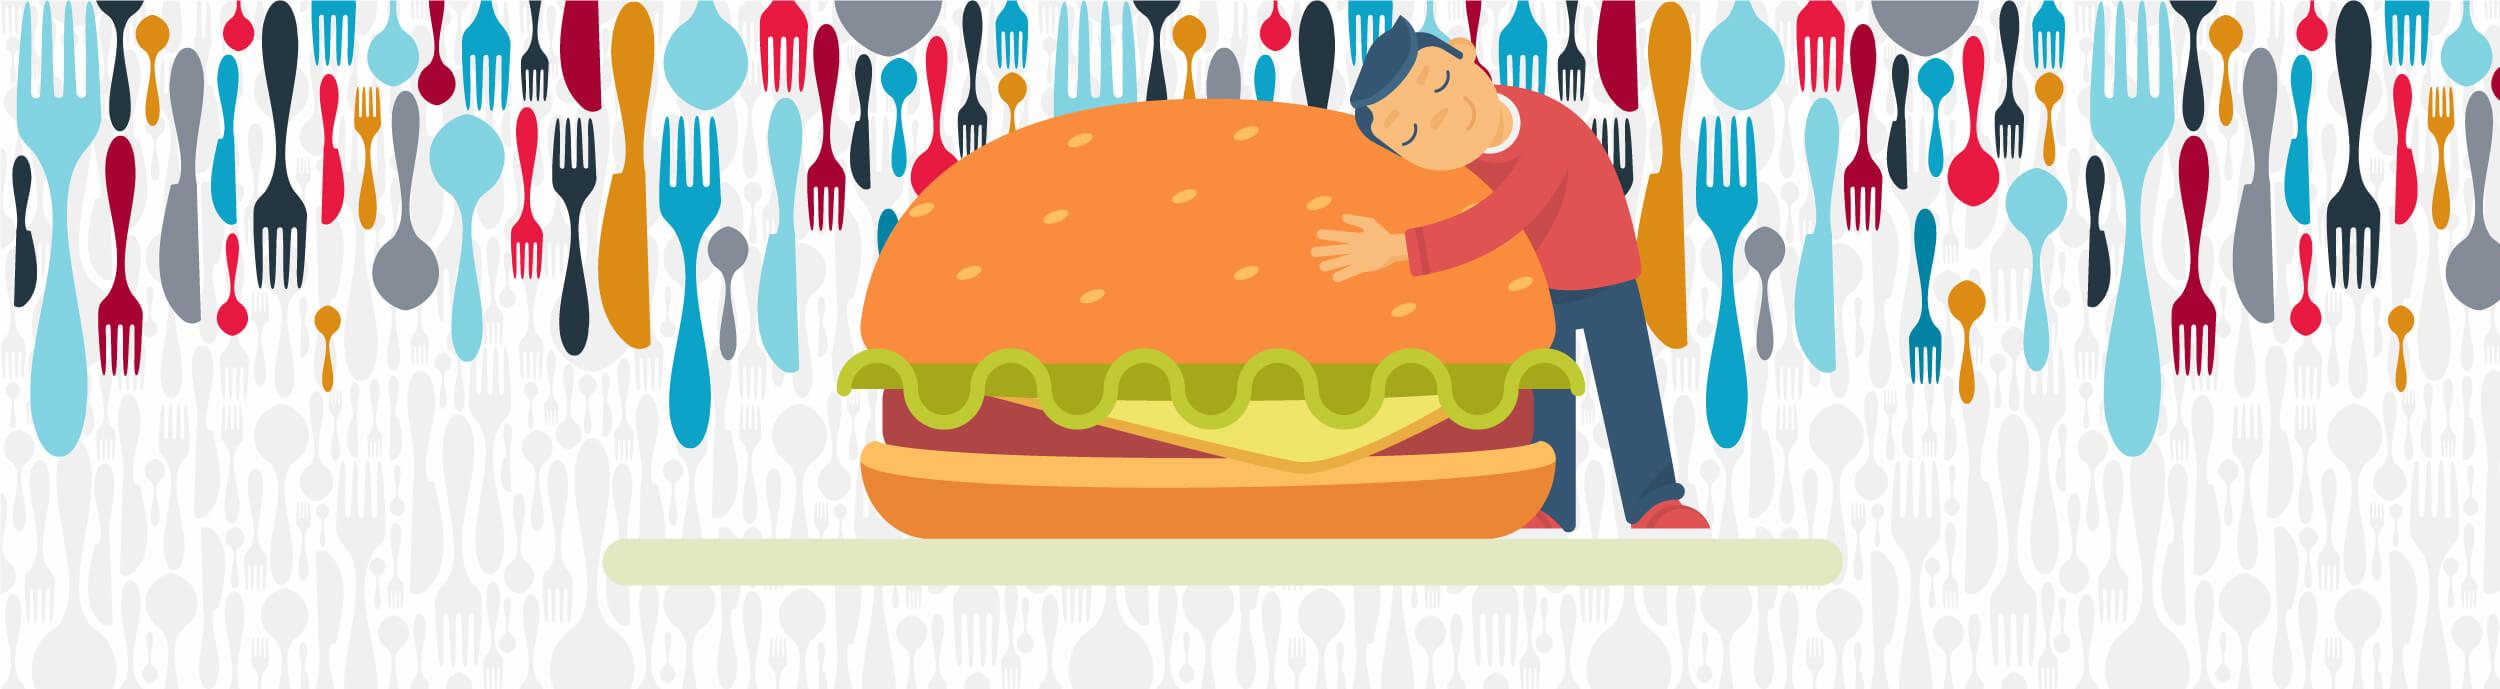 با پرخوری کودکان در تعطیلات چه کنیم؟